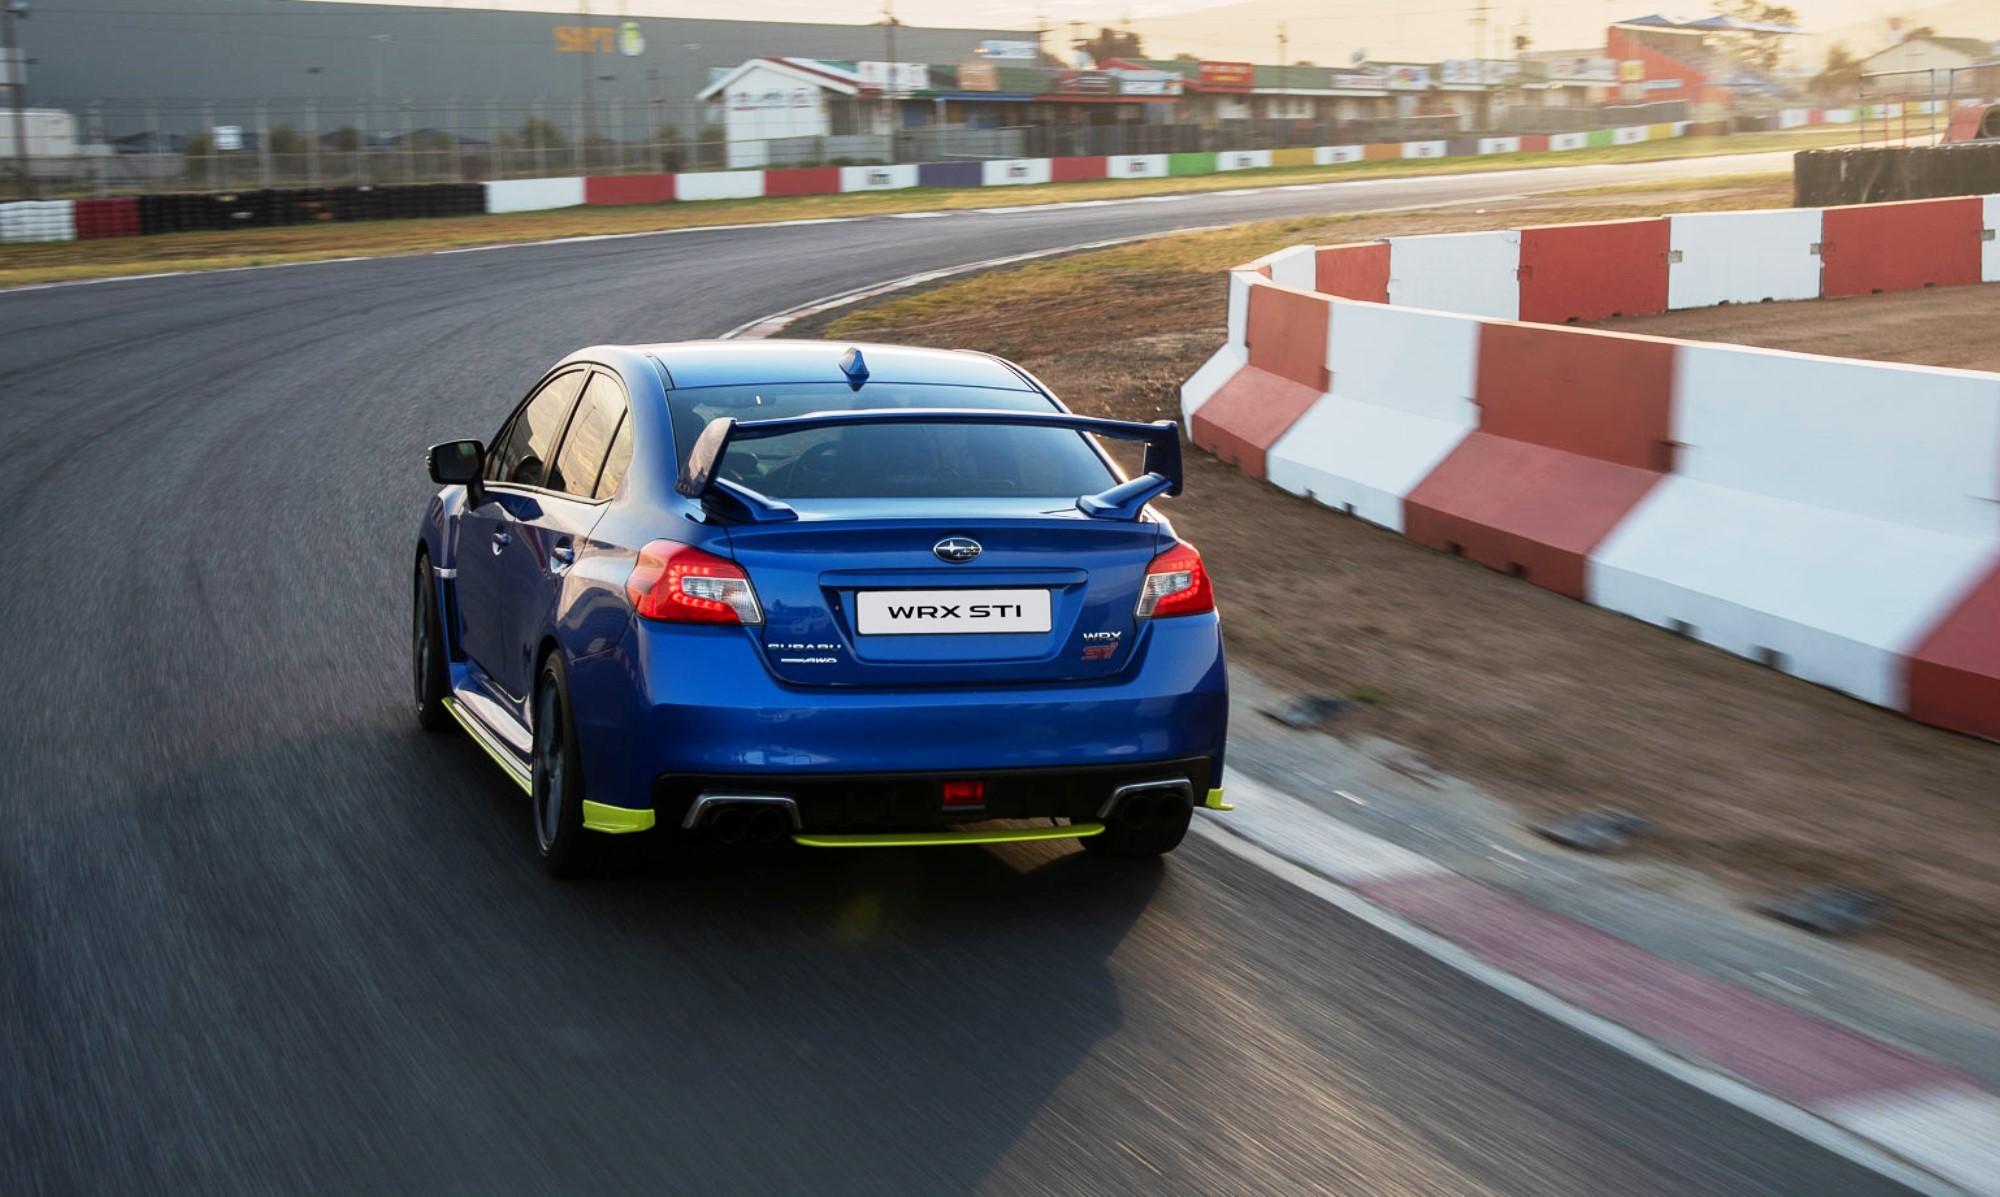 Subaru WRX STi Diamond Edition30 rear